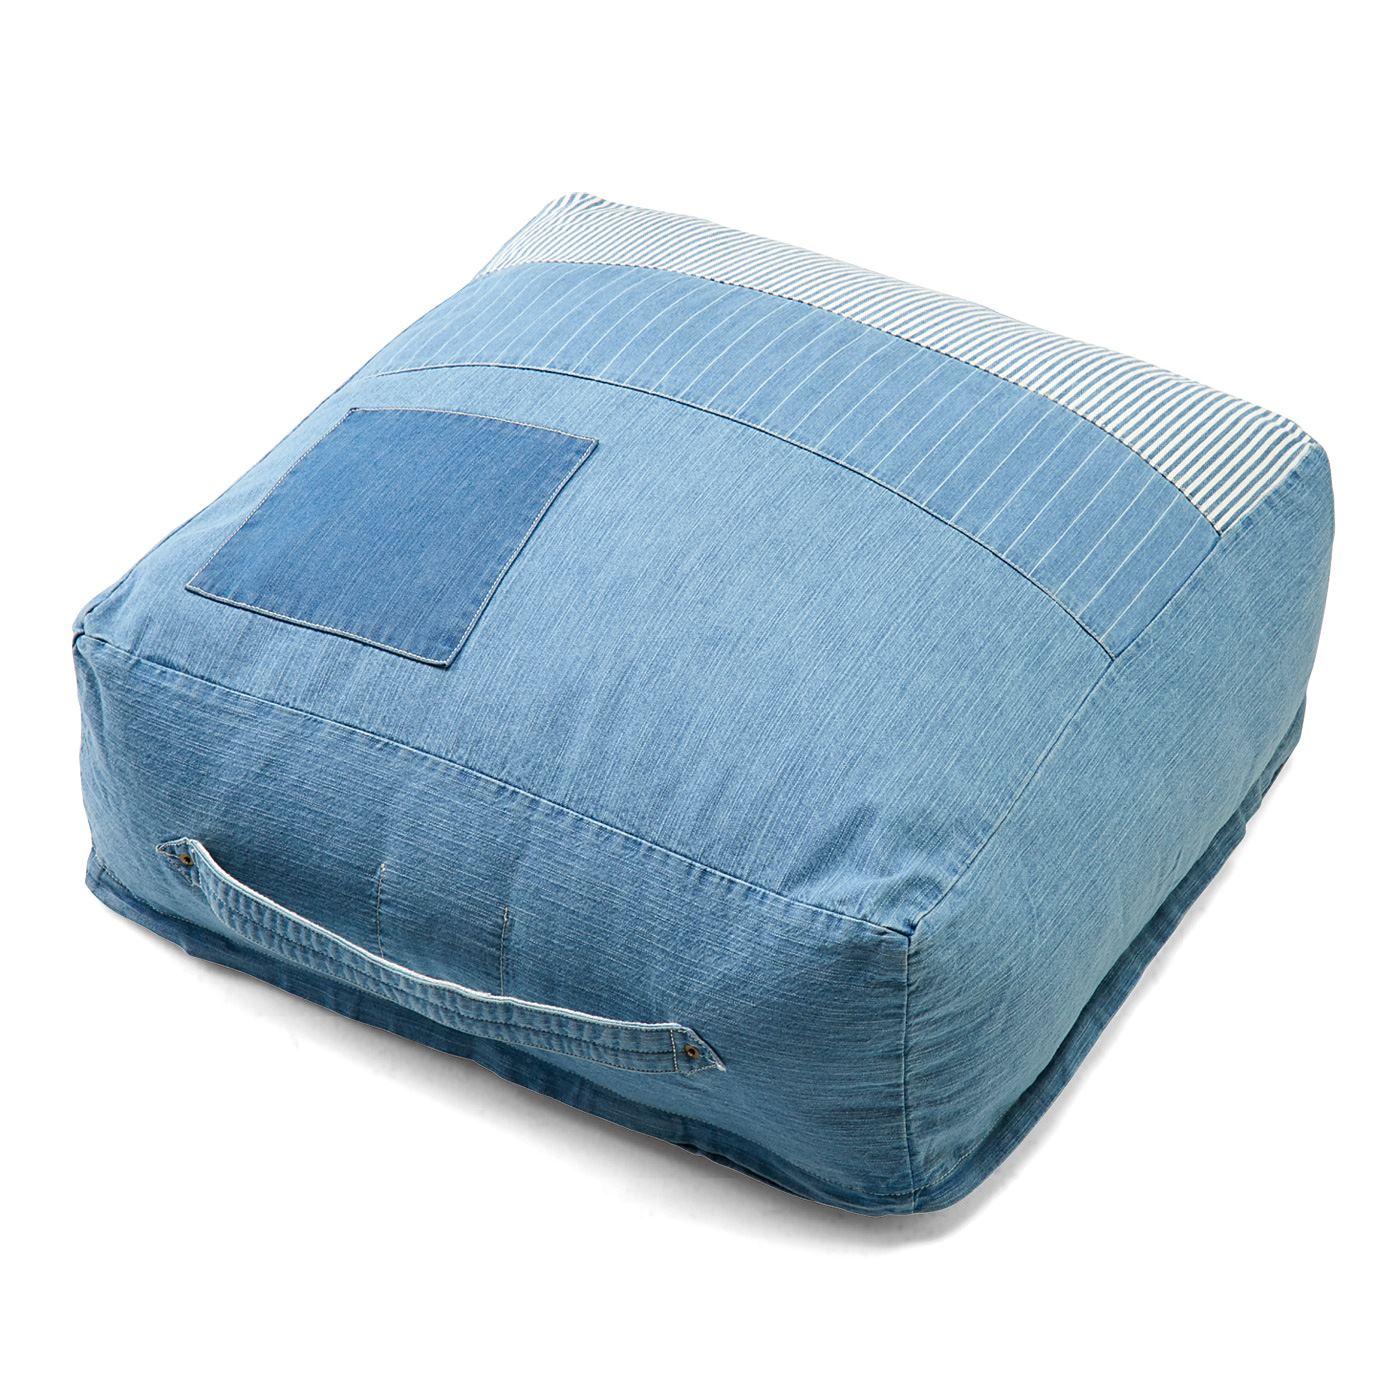 使わない掛け布団が簡易ベッドに。